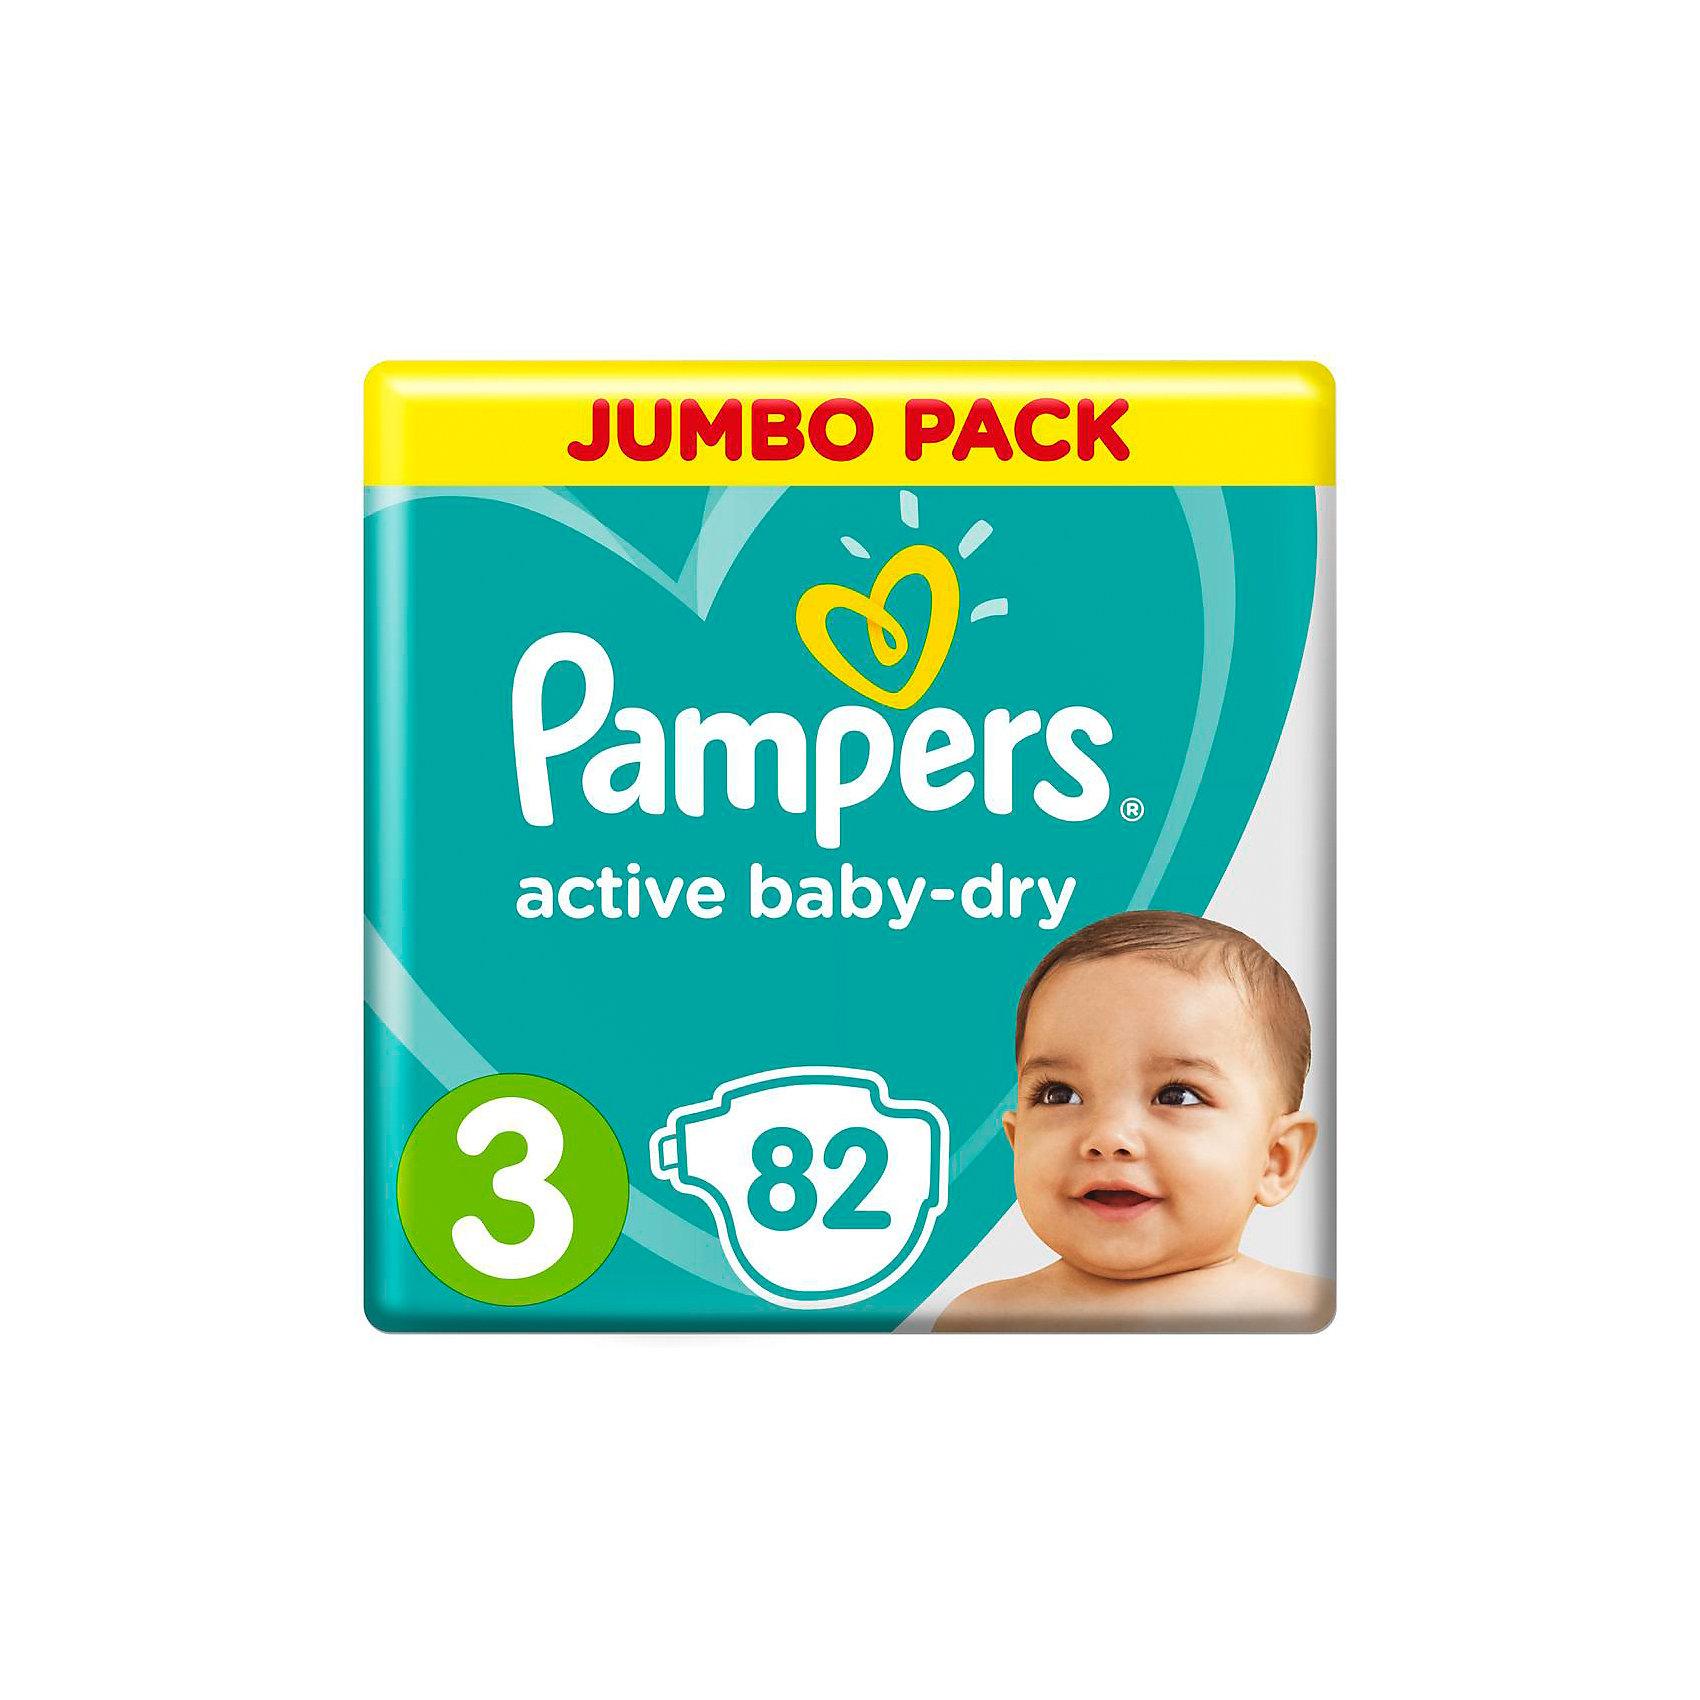 Подгузники Pampers Active Baby-Dry, 5-9 кг, 3 размер, 82 шт., PampersХарактеристики:<br><br>• Пол: универсальный<br>• Тип подгузника: одноразовый<br>• Коллекция: Active Baby-Dry<br>• Предназначение: для использования в любое время суток <br>• Размер: 3<br>• Вес ребенка: от 5 до 9 кг<br>• Количество в упаковке: 82 шт.<br>• Упаковка: пакет<br>• Размер упаковки: 33,2*11,5*39,5 см<br>• Вес в упаковке: 2 кг 143 г<br>• Эластичные застежки-липучки<br>• Быстро впитывающий слой<br>• Мягкий верхний слой<br>• Сохранение сухости в течение 12-ти часов<br><br>Подгузники Pampers Active Baby-Dry, 5-9 кг, 3 размер, 82 шт., Pampers – это линейка классических детских подгузников от Pampers, которая сочетает в себе качество и безопасность материалов, удобство использования и комфорт для нежной кожи малыша. Подгузники предназначены для младенцев весом до 9 кг. Инновационные технологии и современные материалы обеспечивают этим подгузникам Дышащие свойства, что особенно важно для кожи малыша. <br><br>Впитывающие свойства изделию обеспечивает уникальный слой, состоящий из жемчужных микрогранул. У подгузников предусмотрена эластичная мягкая резиночка на спинке. Широкие липучки с двух сторон обеспечивают надежную фиксацию. Подгузник имеет мягкий верхний слой, который обеспечивает не только комфорт, но и защищает кожу ребенка от раздражений. Подгузник подходит как для мальчиков, так и для девочек. <br><br>Подгузники Pampers Active Baby-Dry, 5-9 кг, 3 размер, 82 шт., Pampers можно купить в нашем интернет-магазине.<br><br>Ширина мм: 332<br>Глубина мм: 115<br>Высота мм: 395<br>Вес г: 2143<br>Возраст от месяцев: 3<br>Возраст до месяцев: 12<br>Пол: Унисекс<br>Возраст: Детский<br>SKU: 5419078